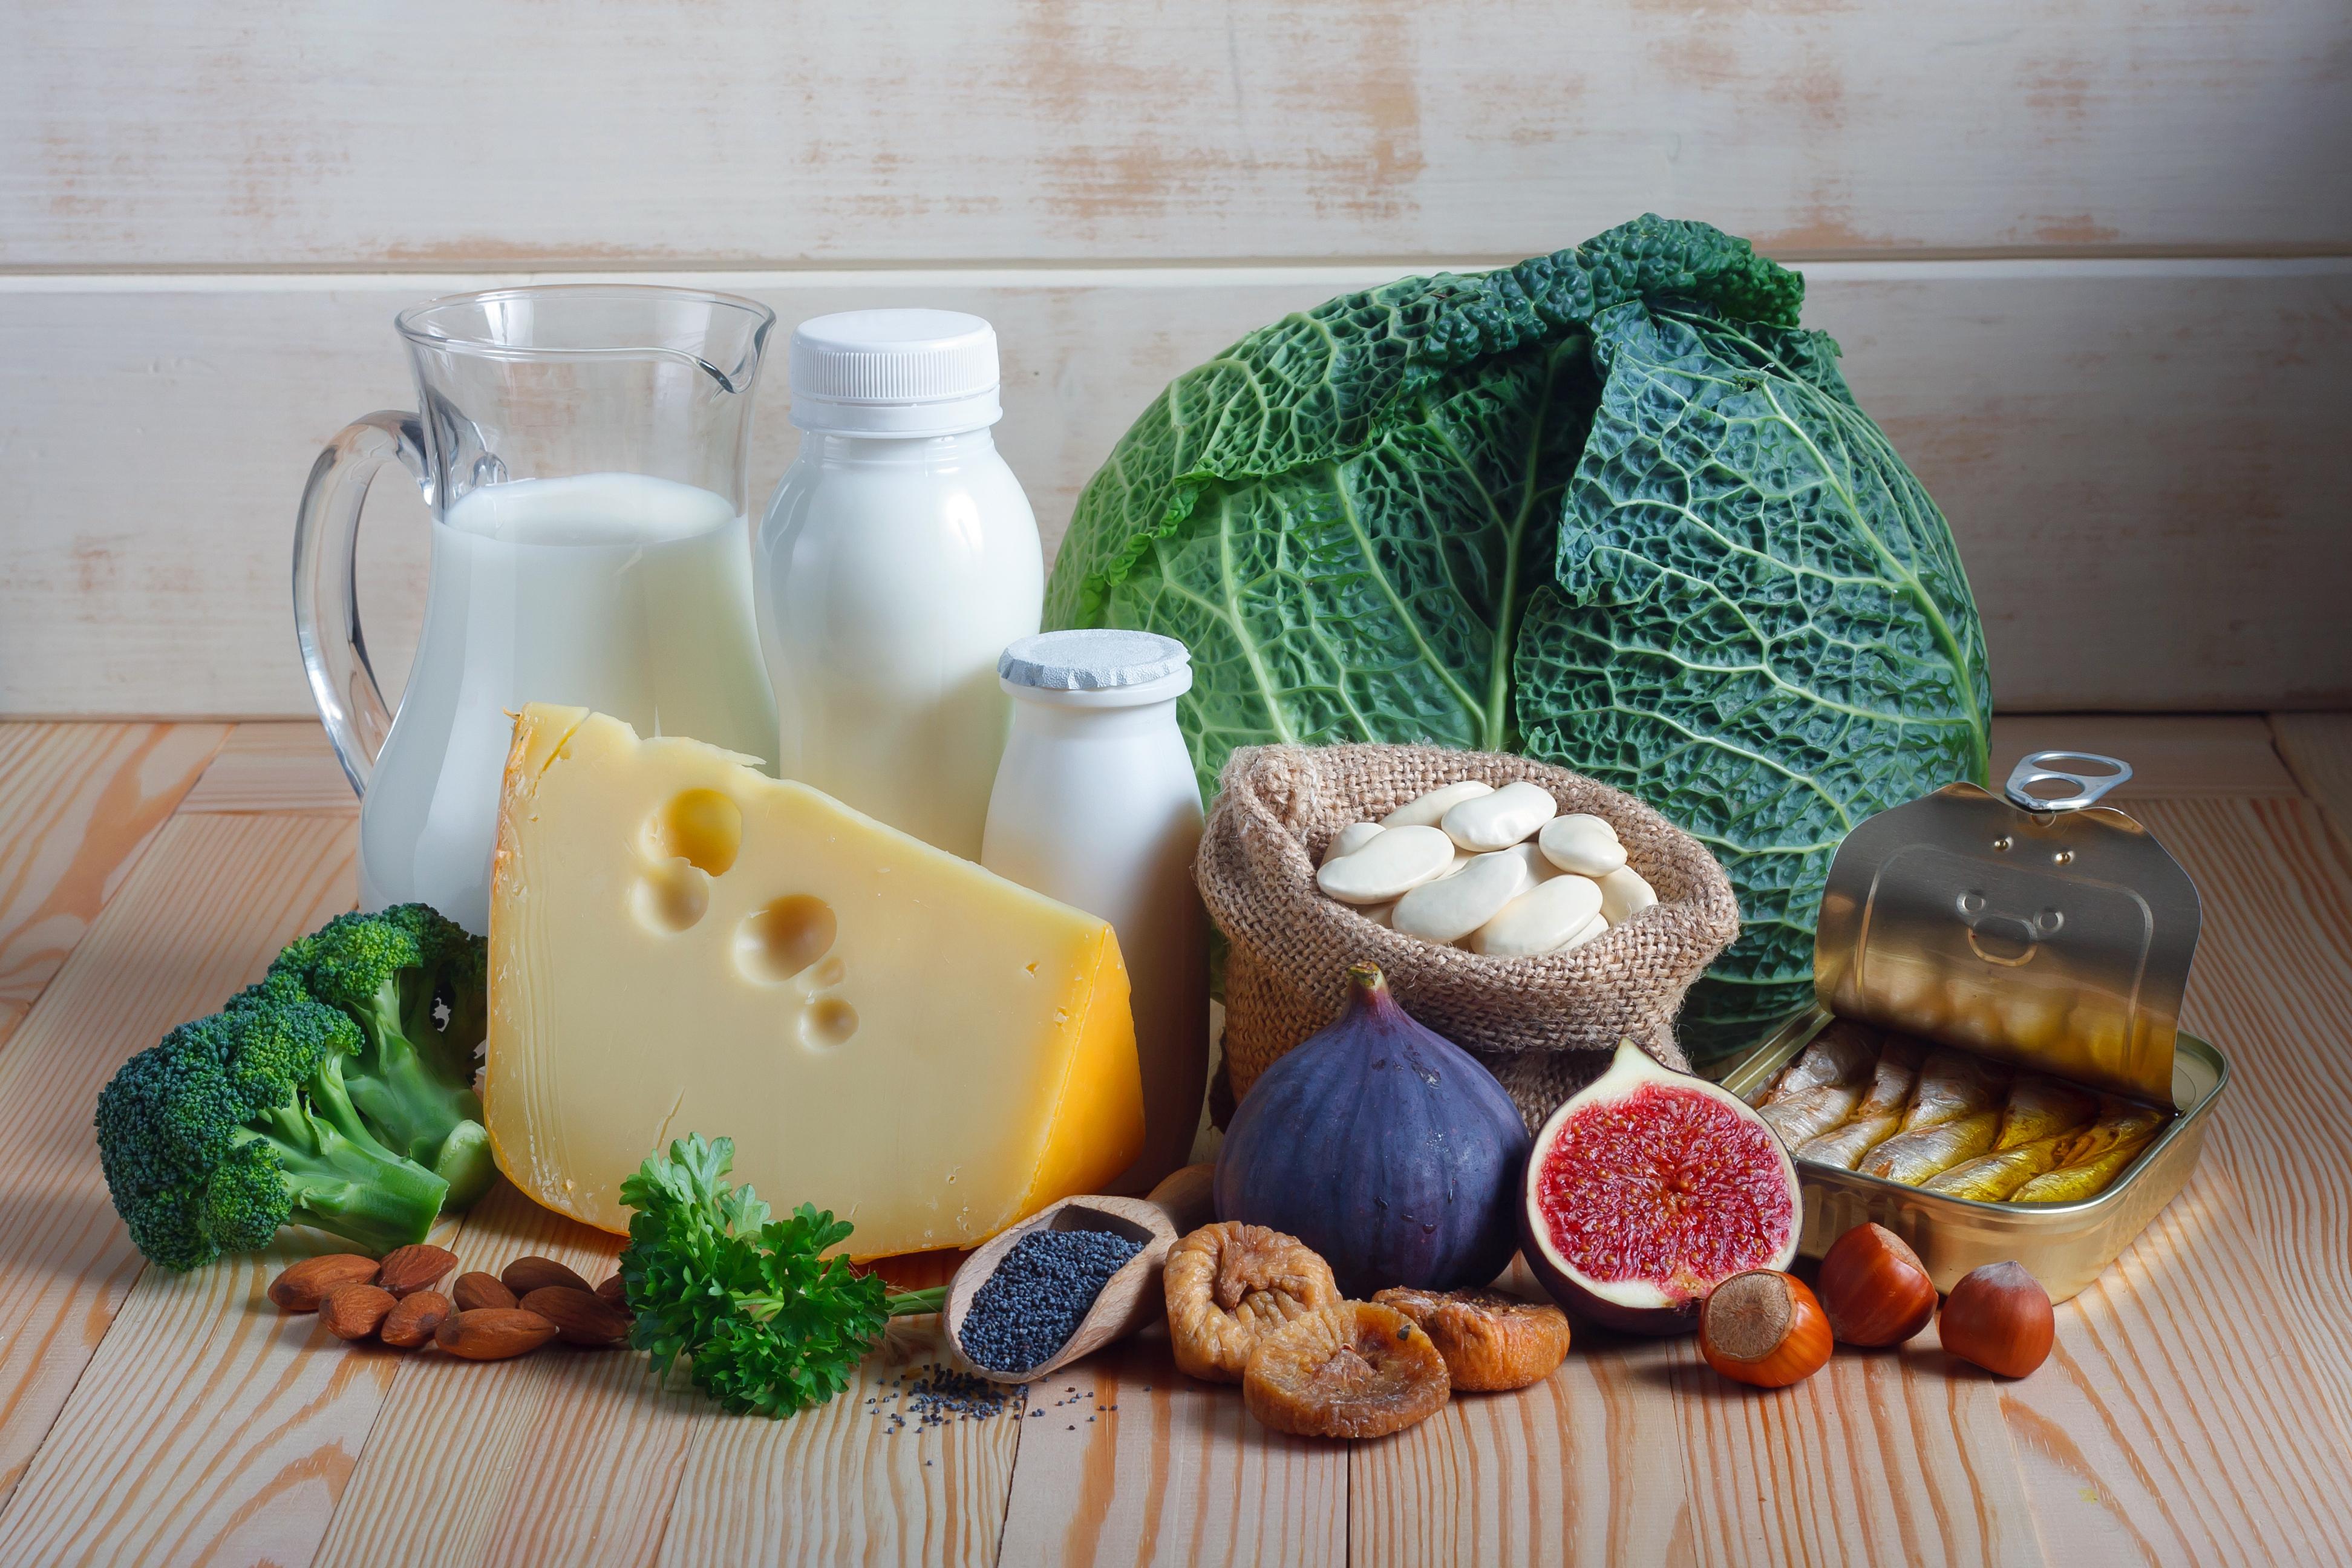 Kalcium finns i de flesta livsmedel och allra mest finns i mjölkprodukter, bladgrönsaker och nötter De allra flesta får i sig tillräckligt med kalcium genom att äta en balanserad och varierad kost.